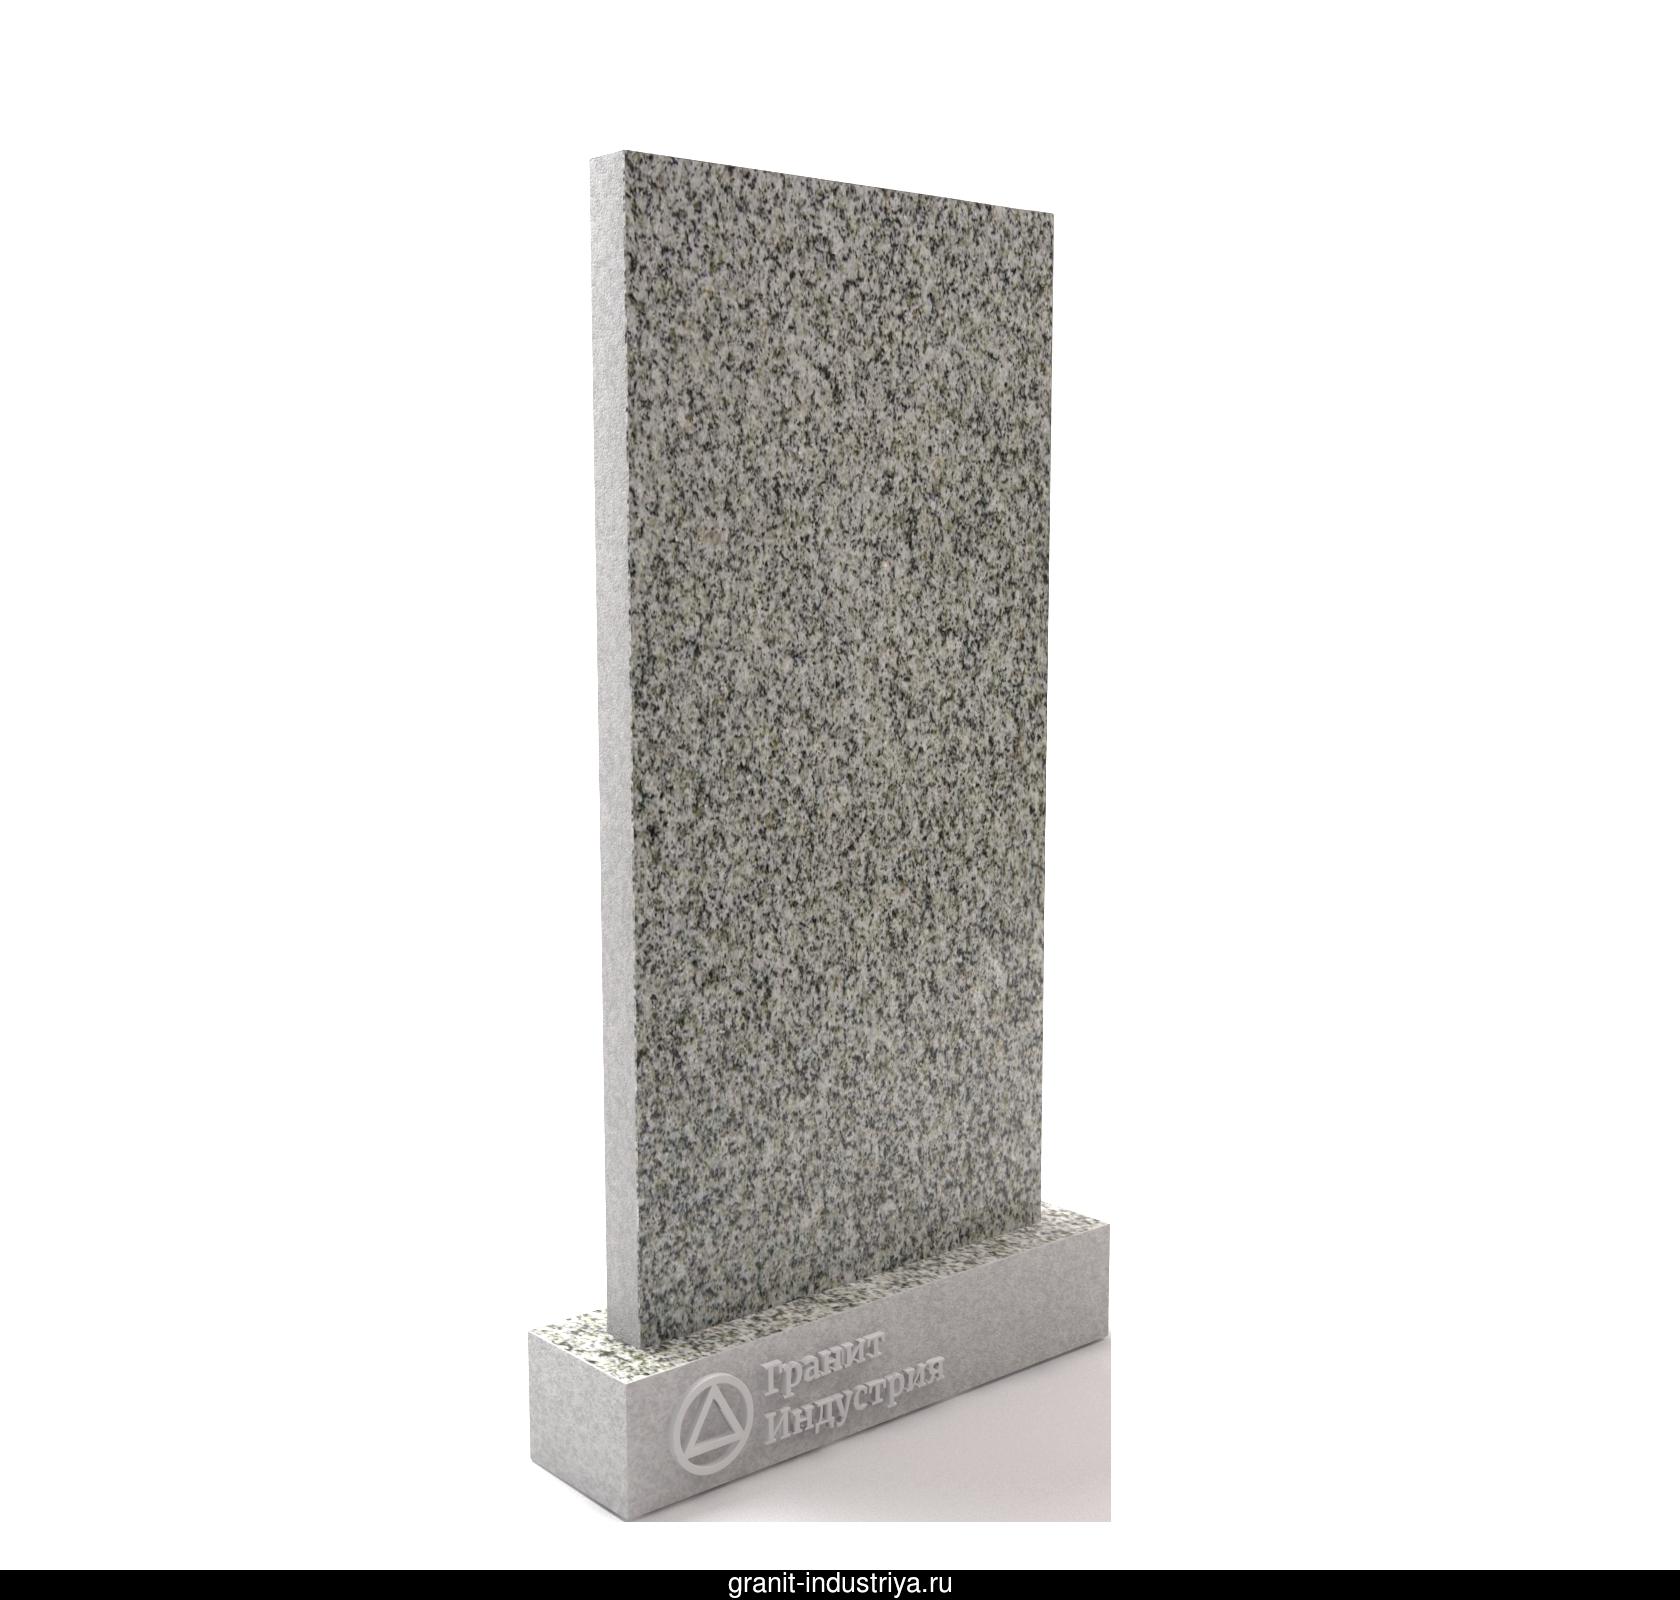 Памятник из Мансуровского гранита, арт. 6626